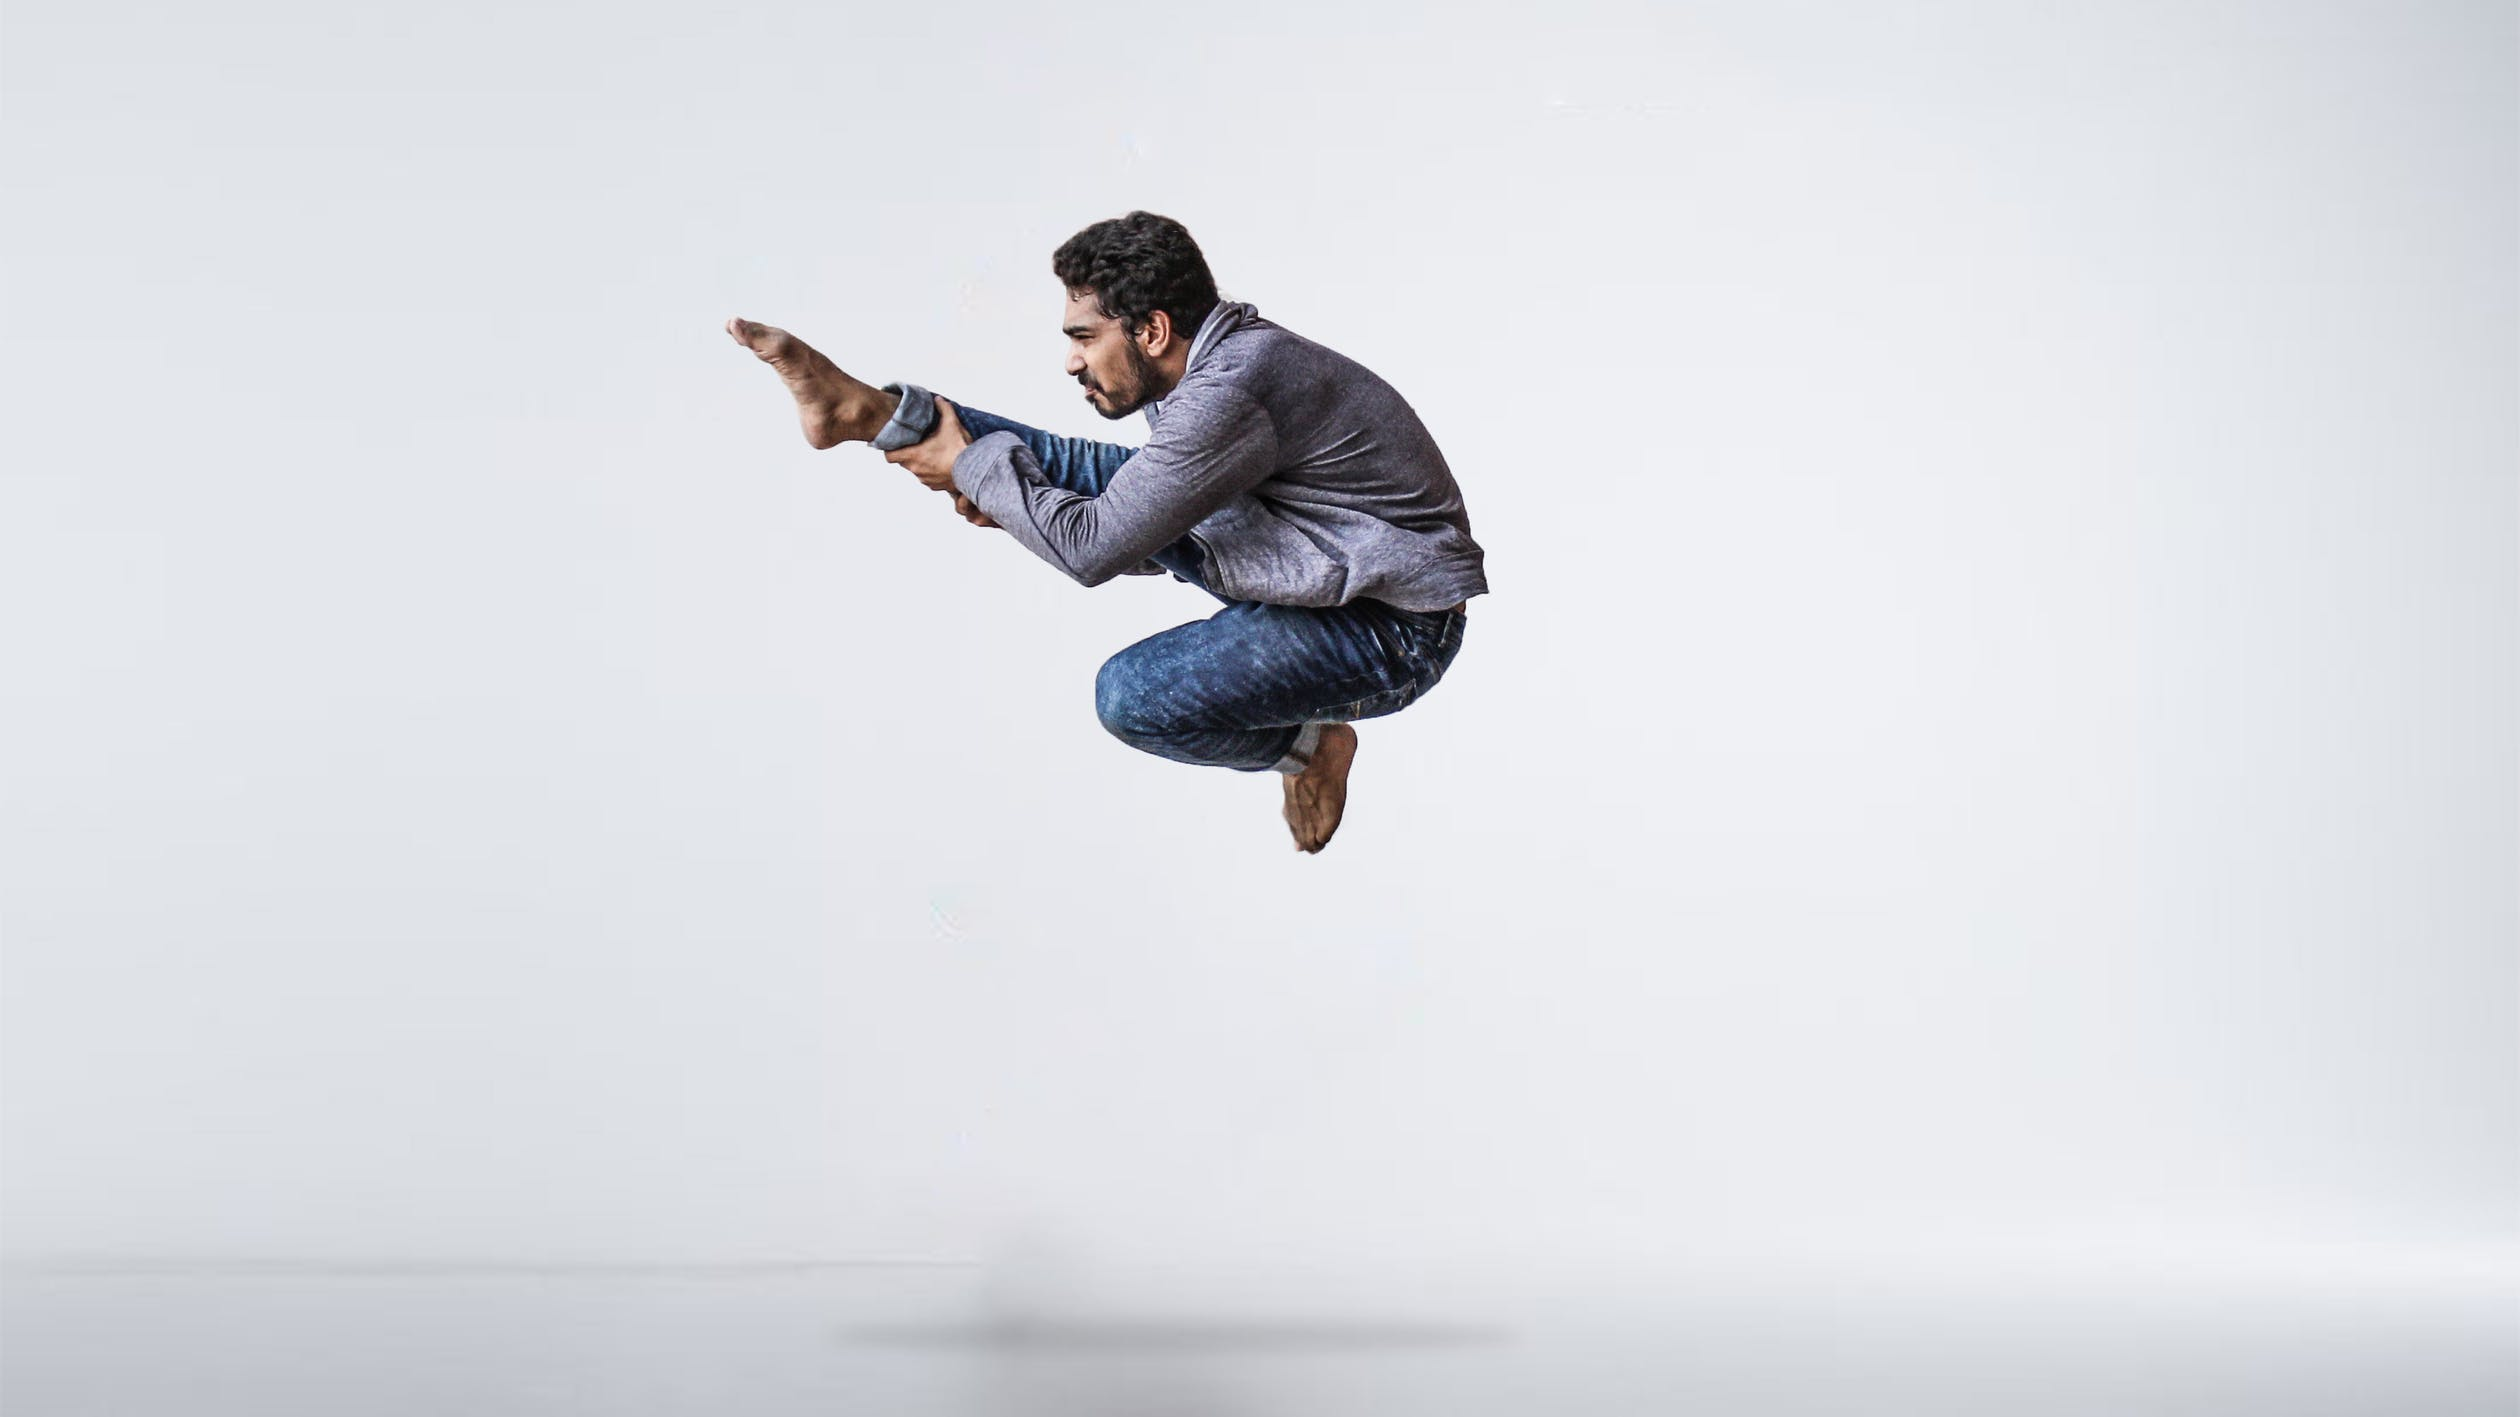 人生は走高跳びと同じ。壁にぶつかっても、助走をつければどんな壁でも飛び越えられる。